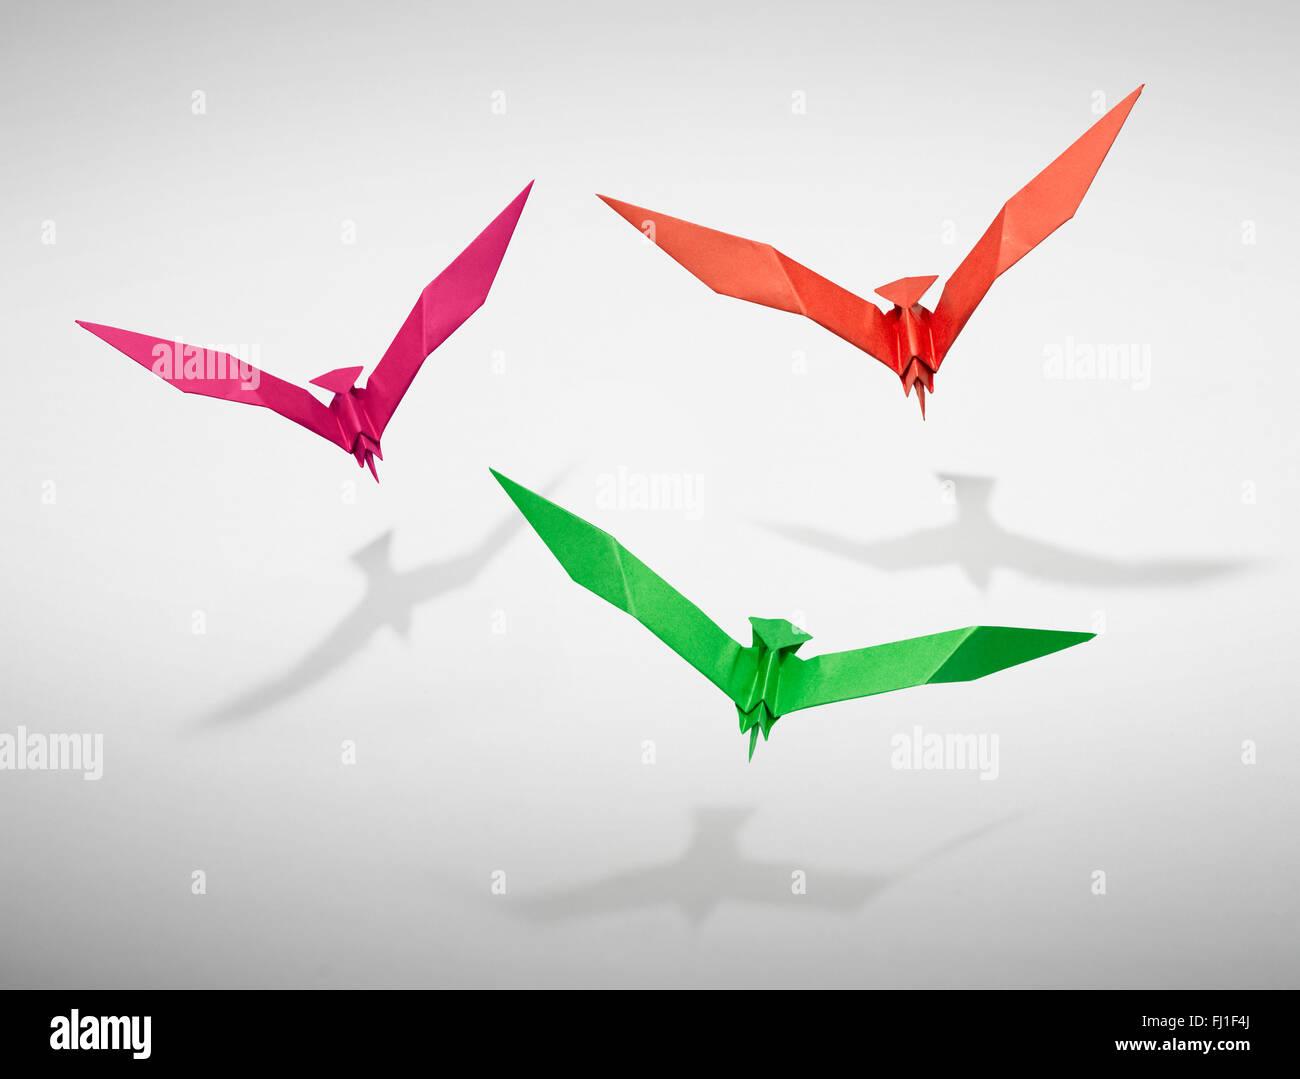 Gruppe von drei fliegende Vögel in Origami, es ist ein Weg für jeden Vogel. Stockbild